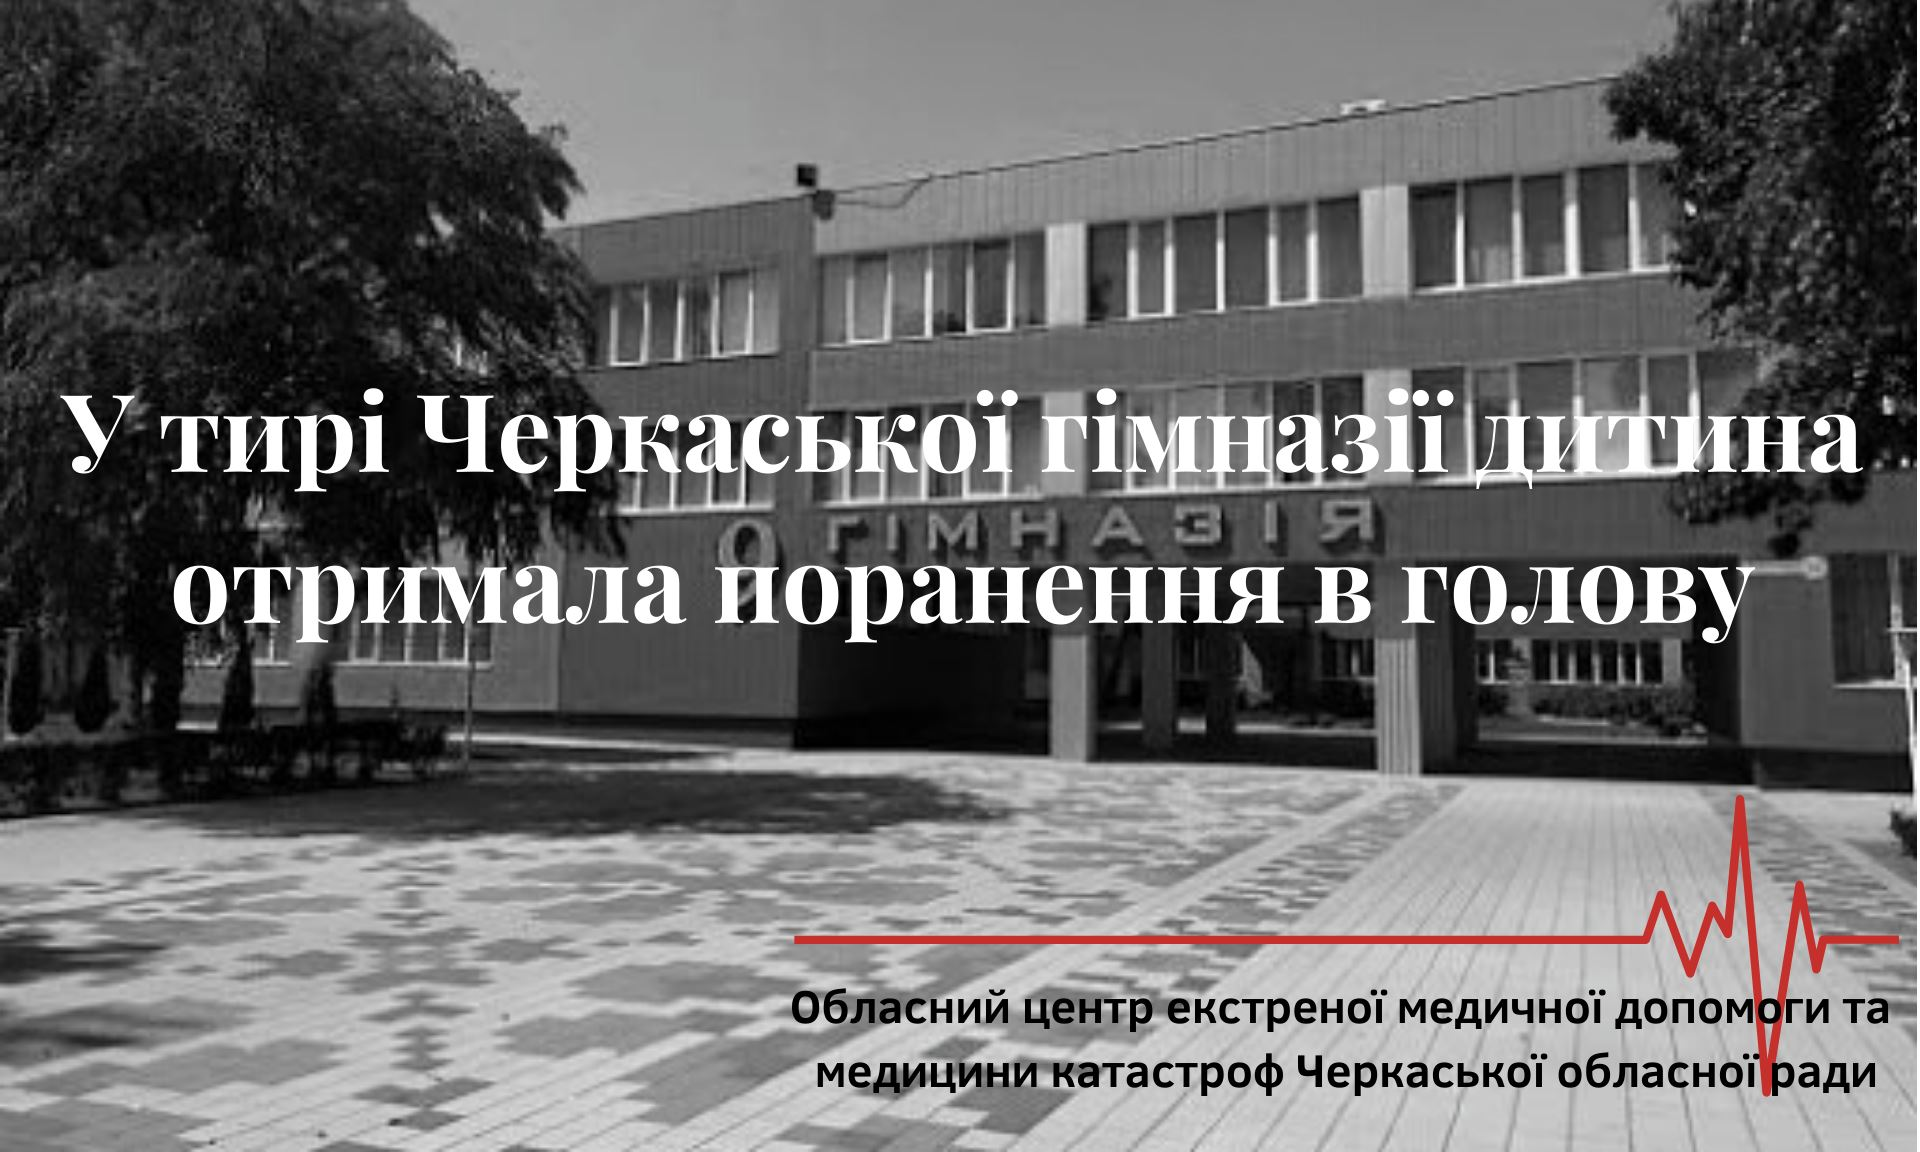 У тирі черкаської гімназії поранили учня: хлопець у тяжкому стані